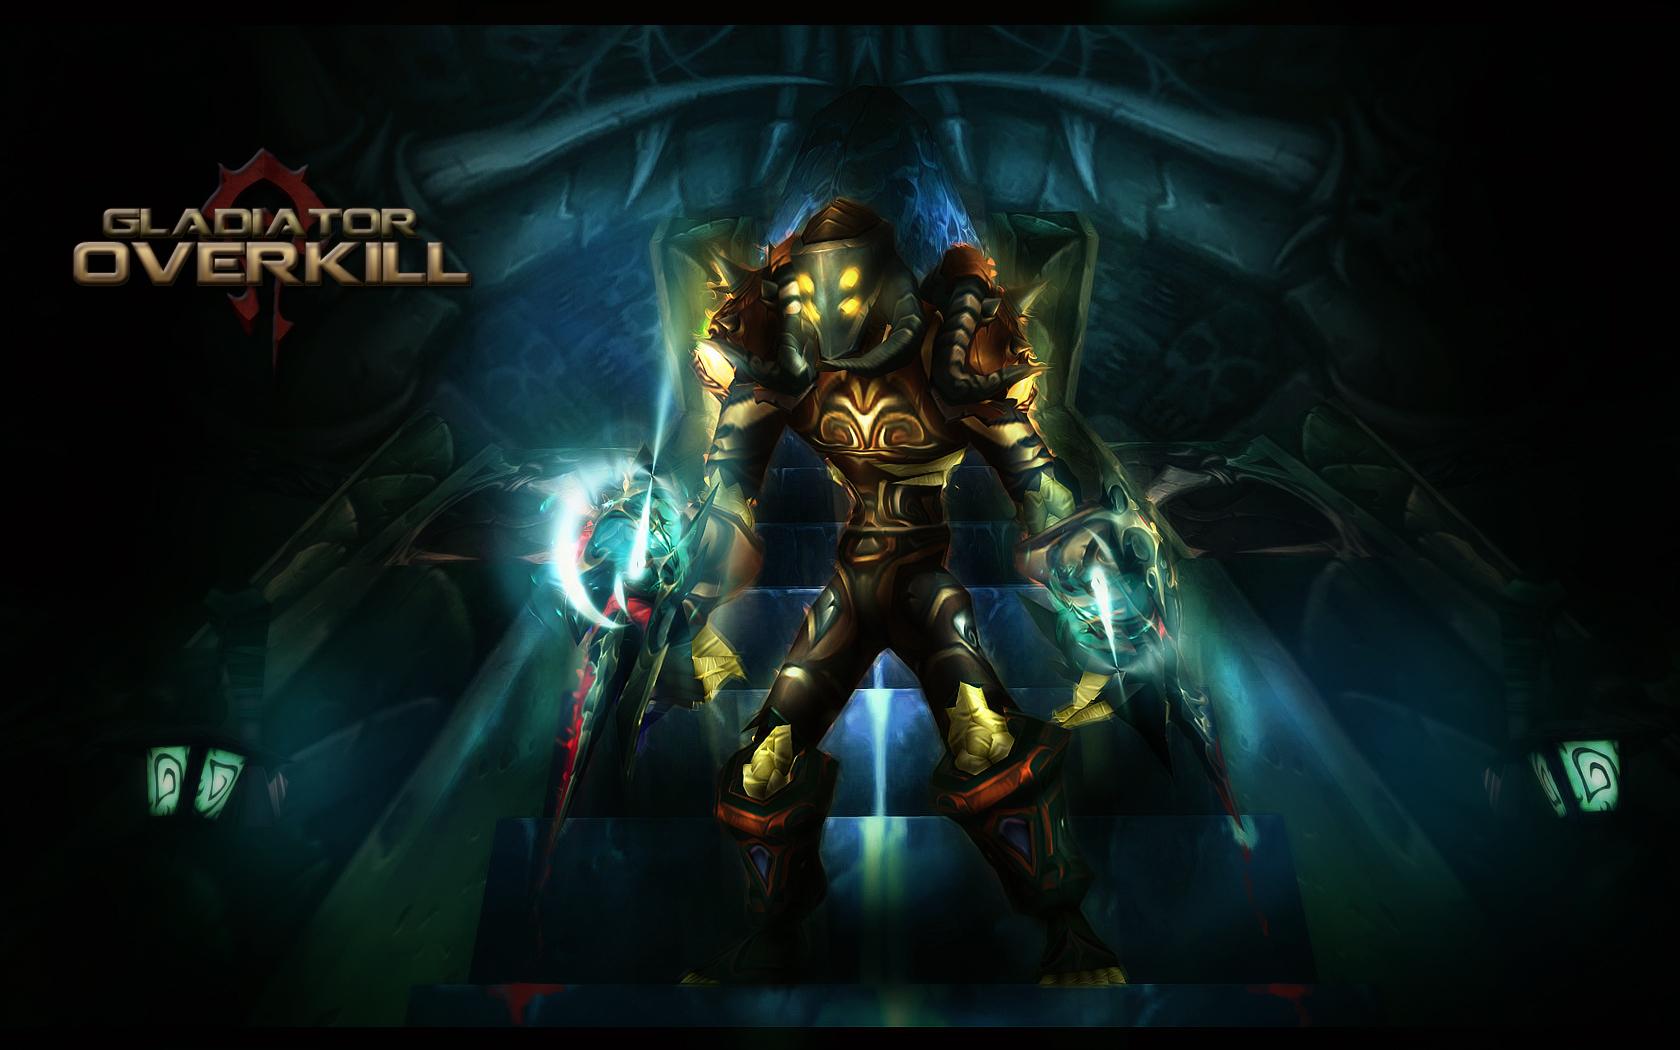 World of warcraft undead warrior xxx images